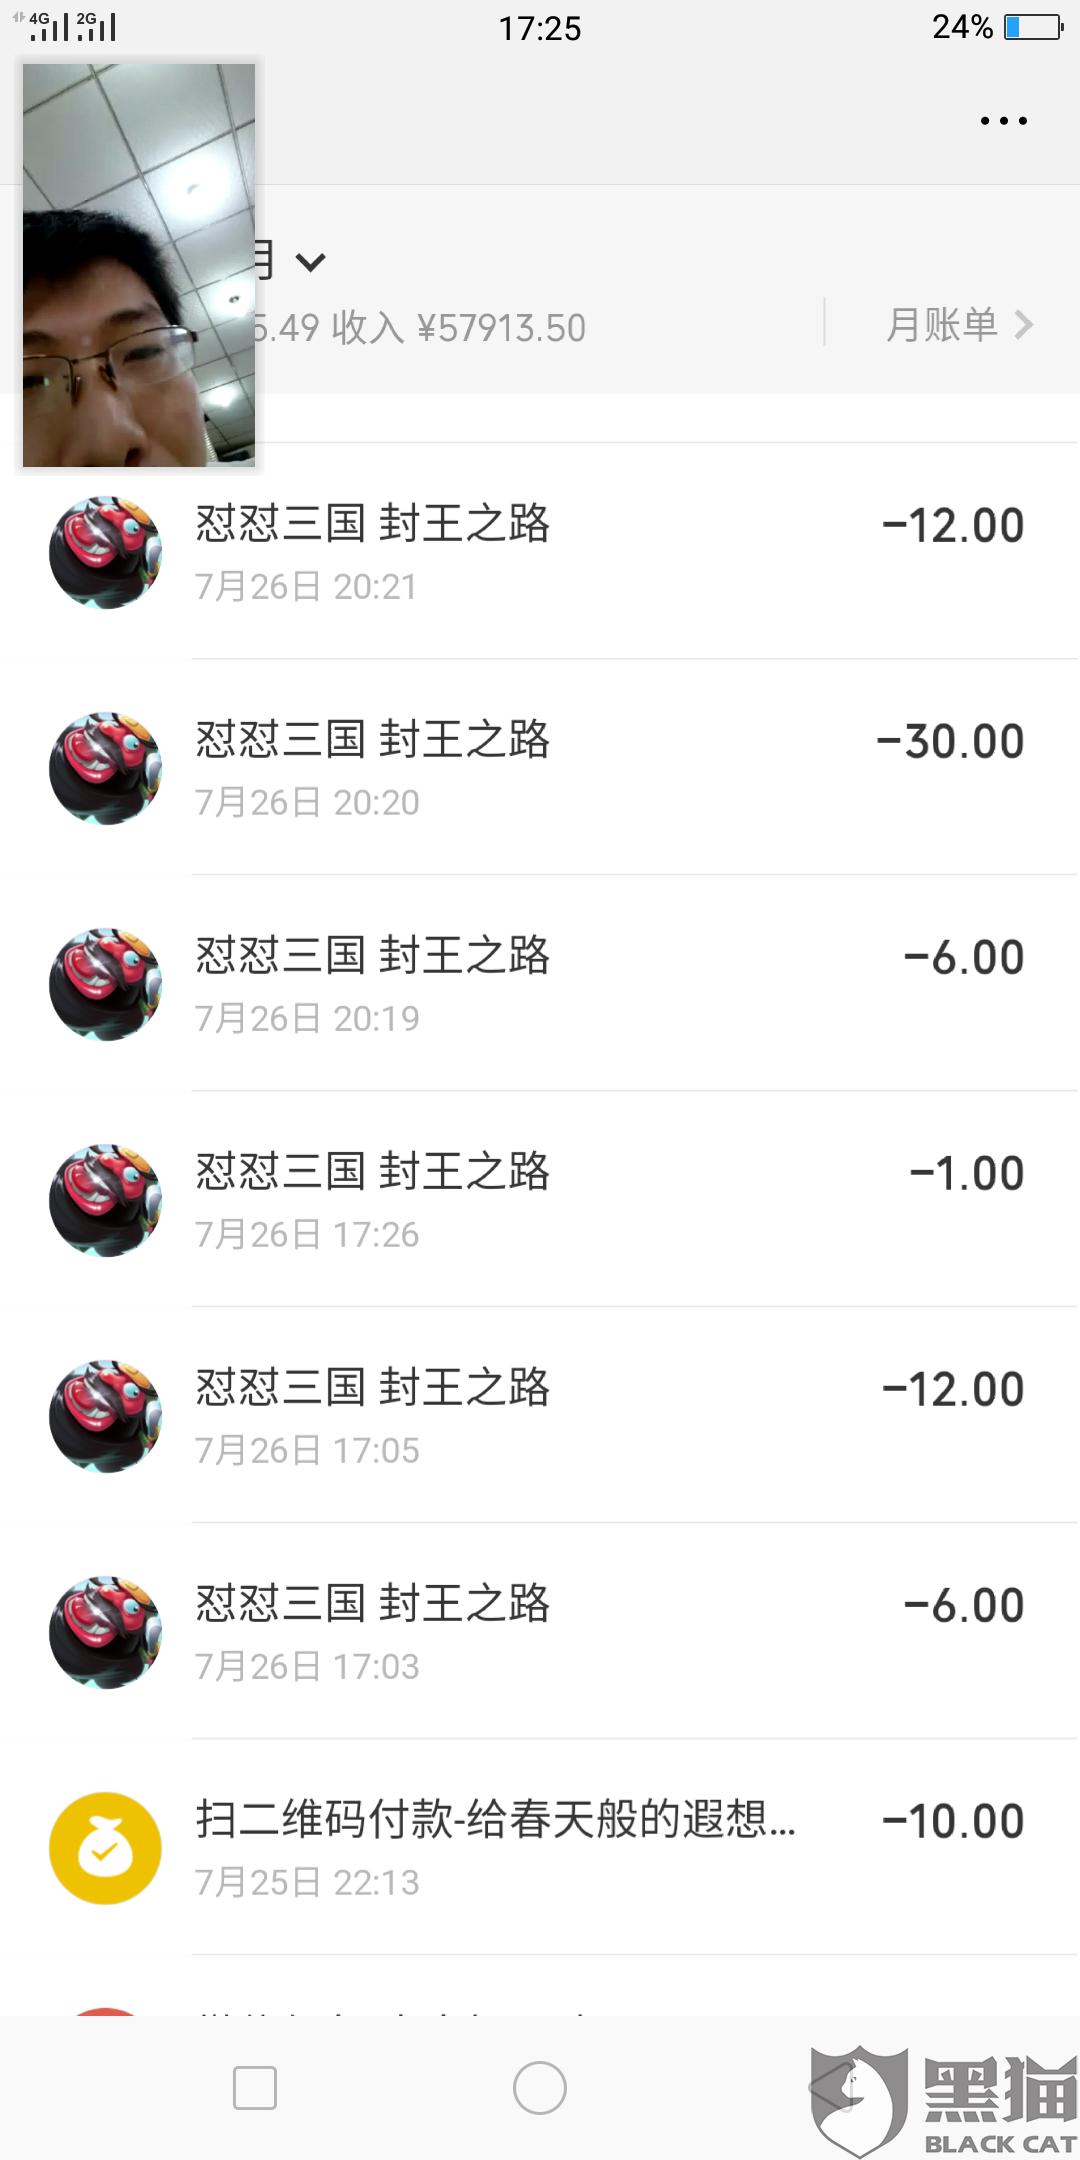 黑猫投诉:杭州电魂网络股份有限公司